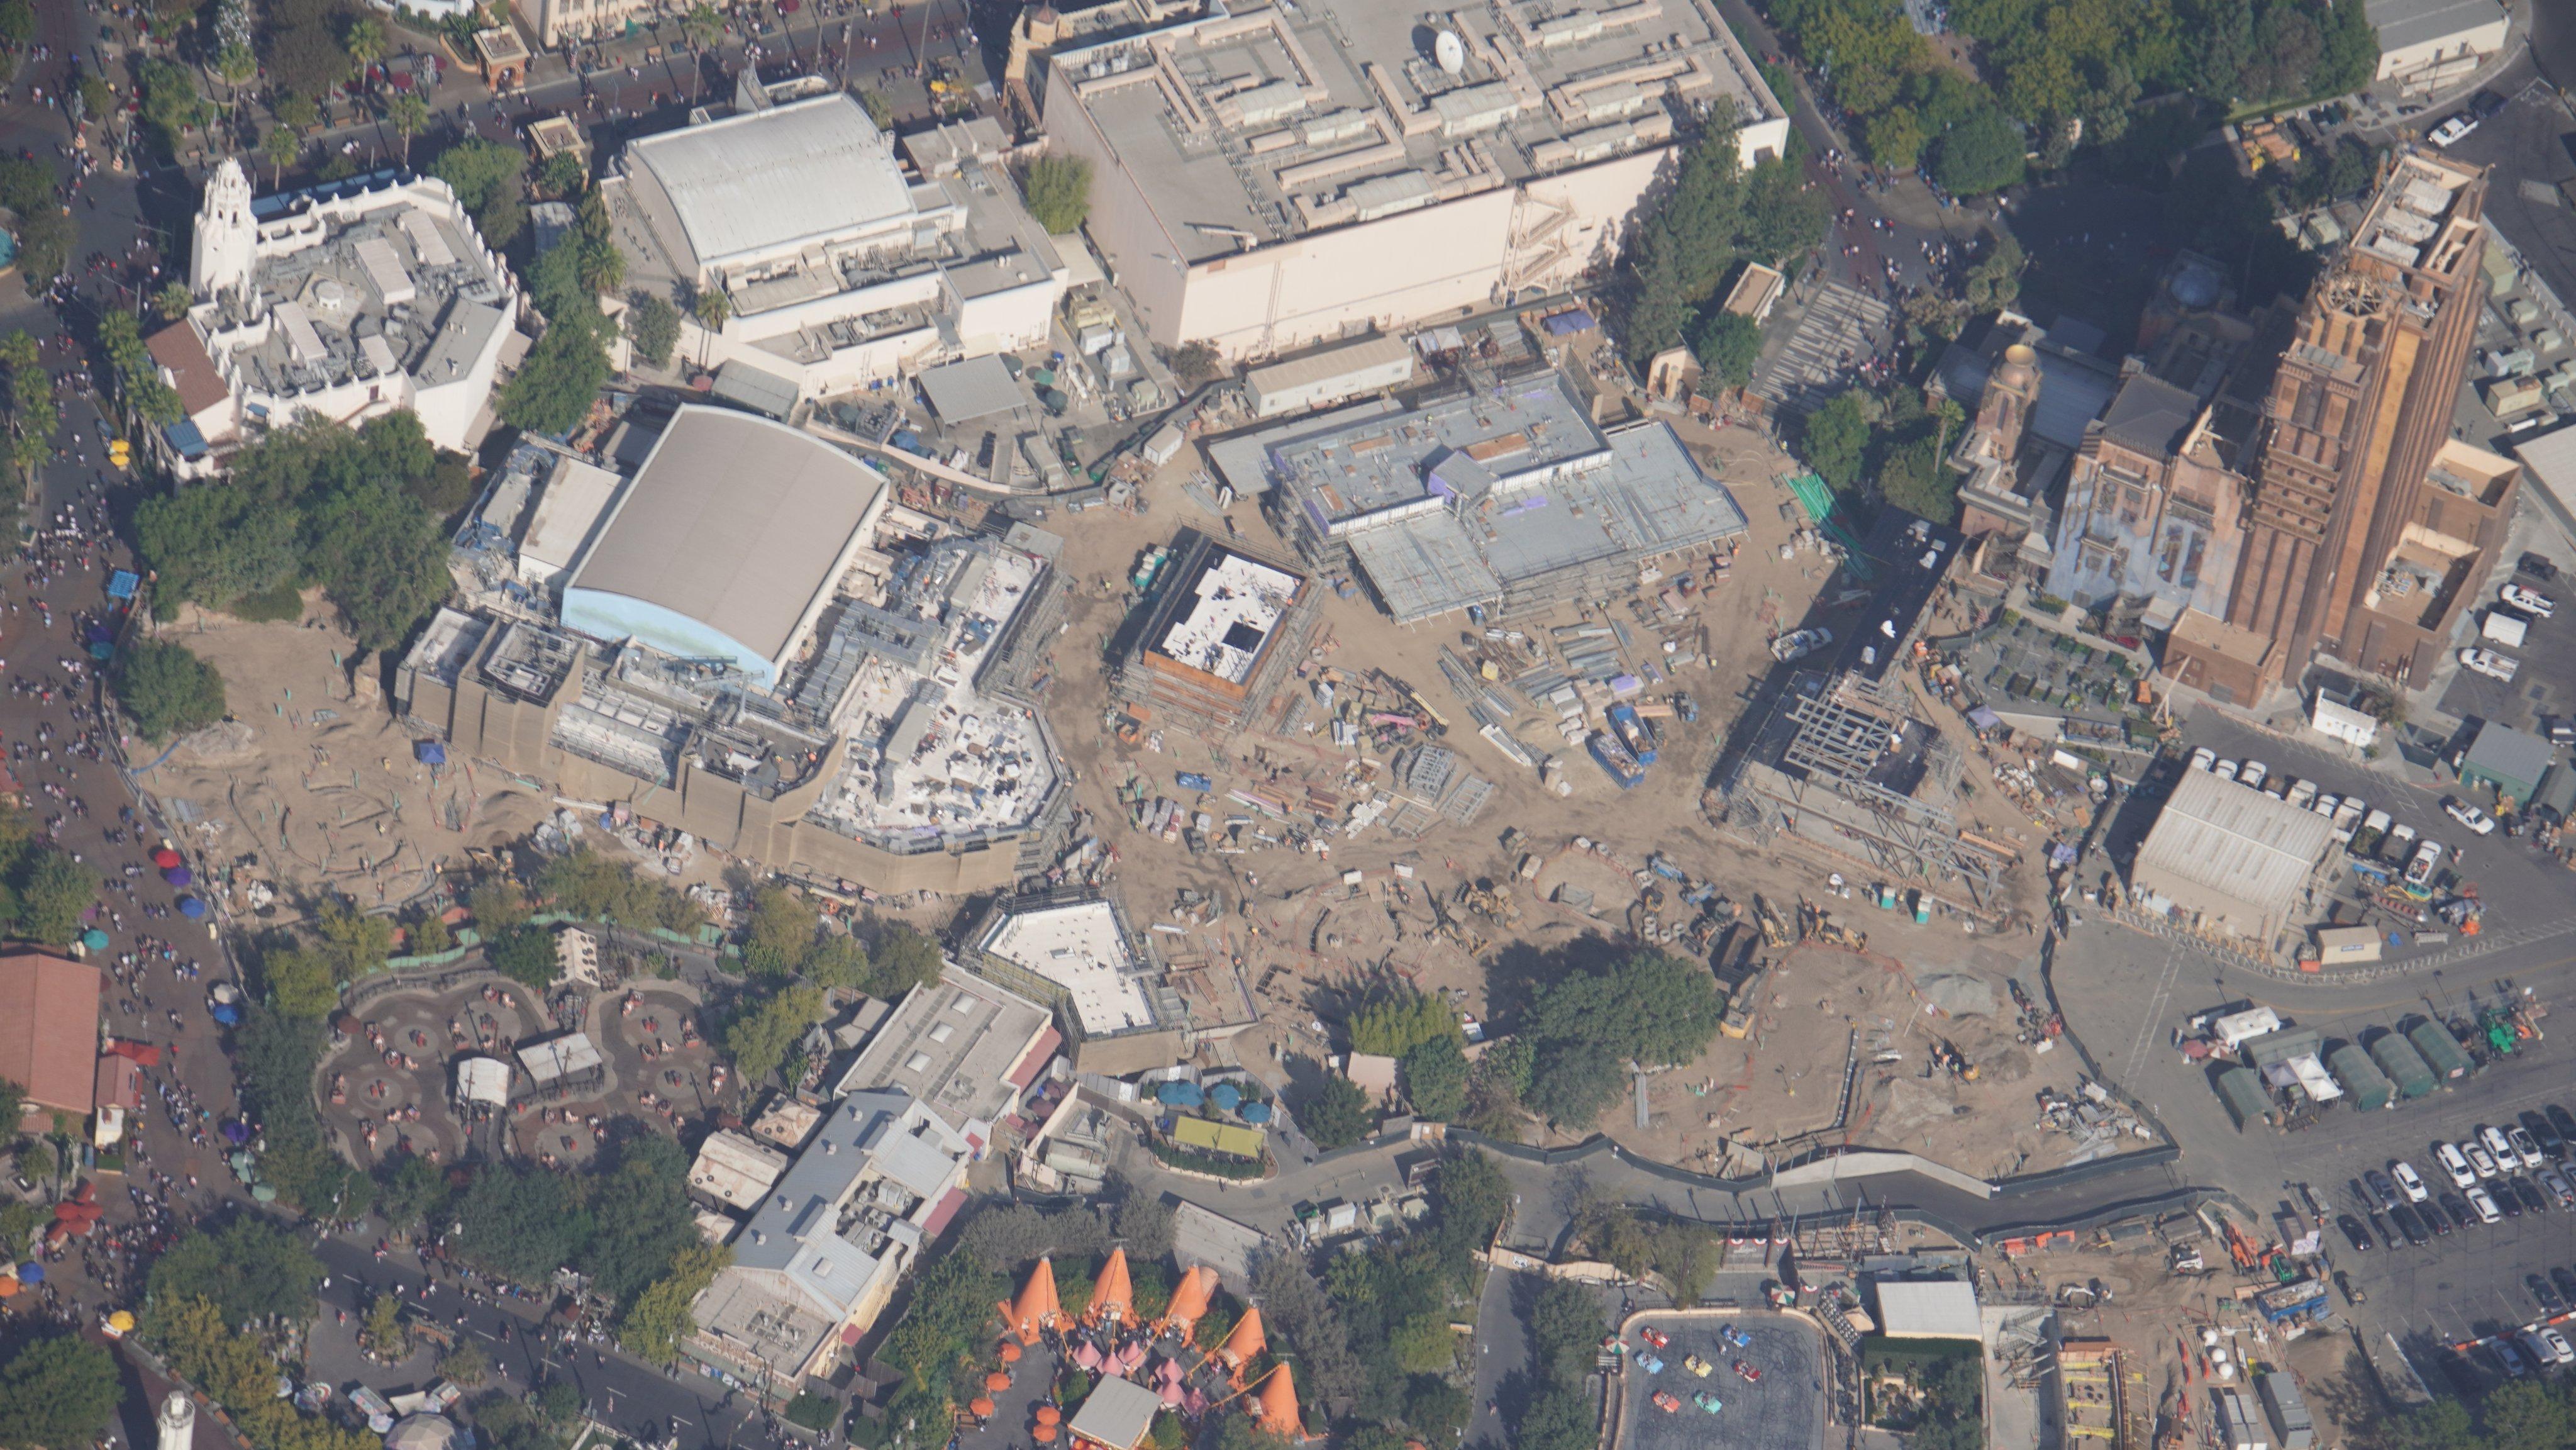 Disneyland Resort vu du ciel, des images sublimes! EJZA0FXUYAABOFT?format=jpg&name=4096x4096